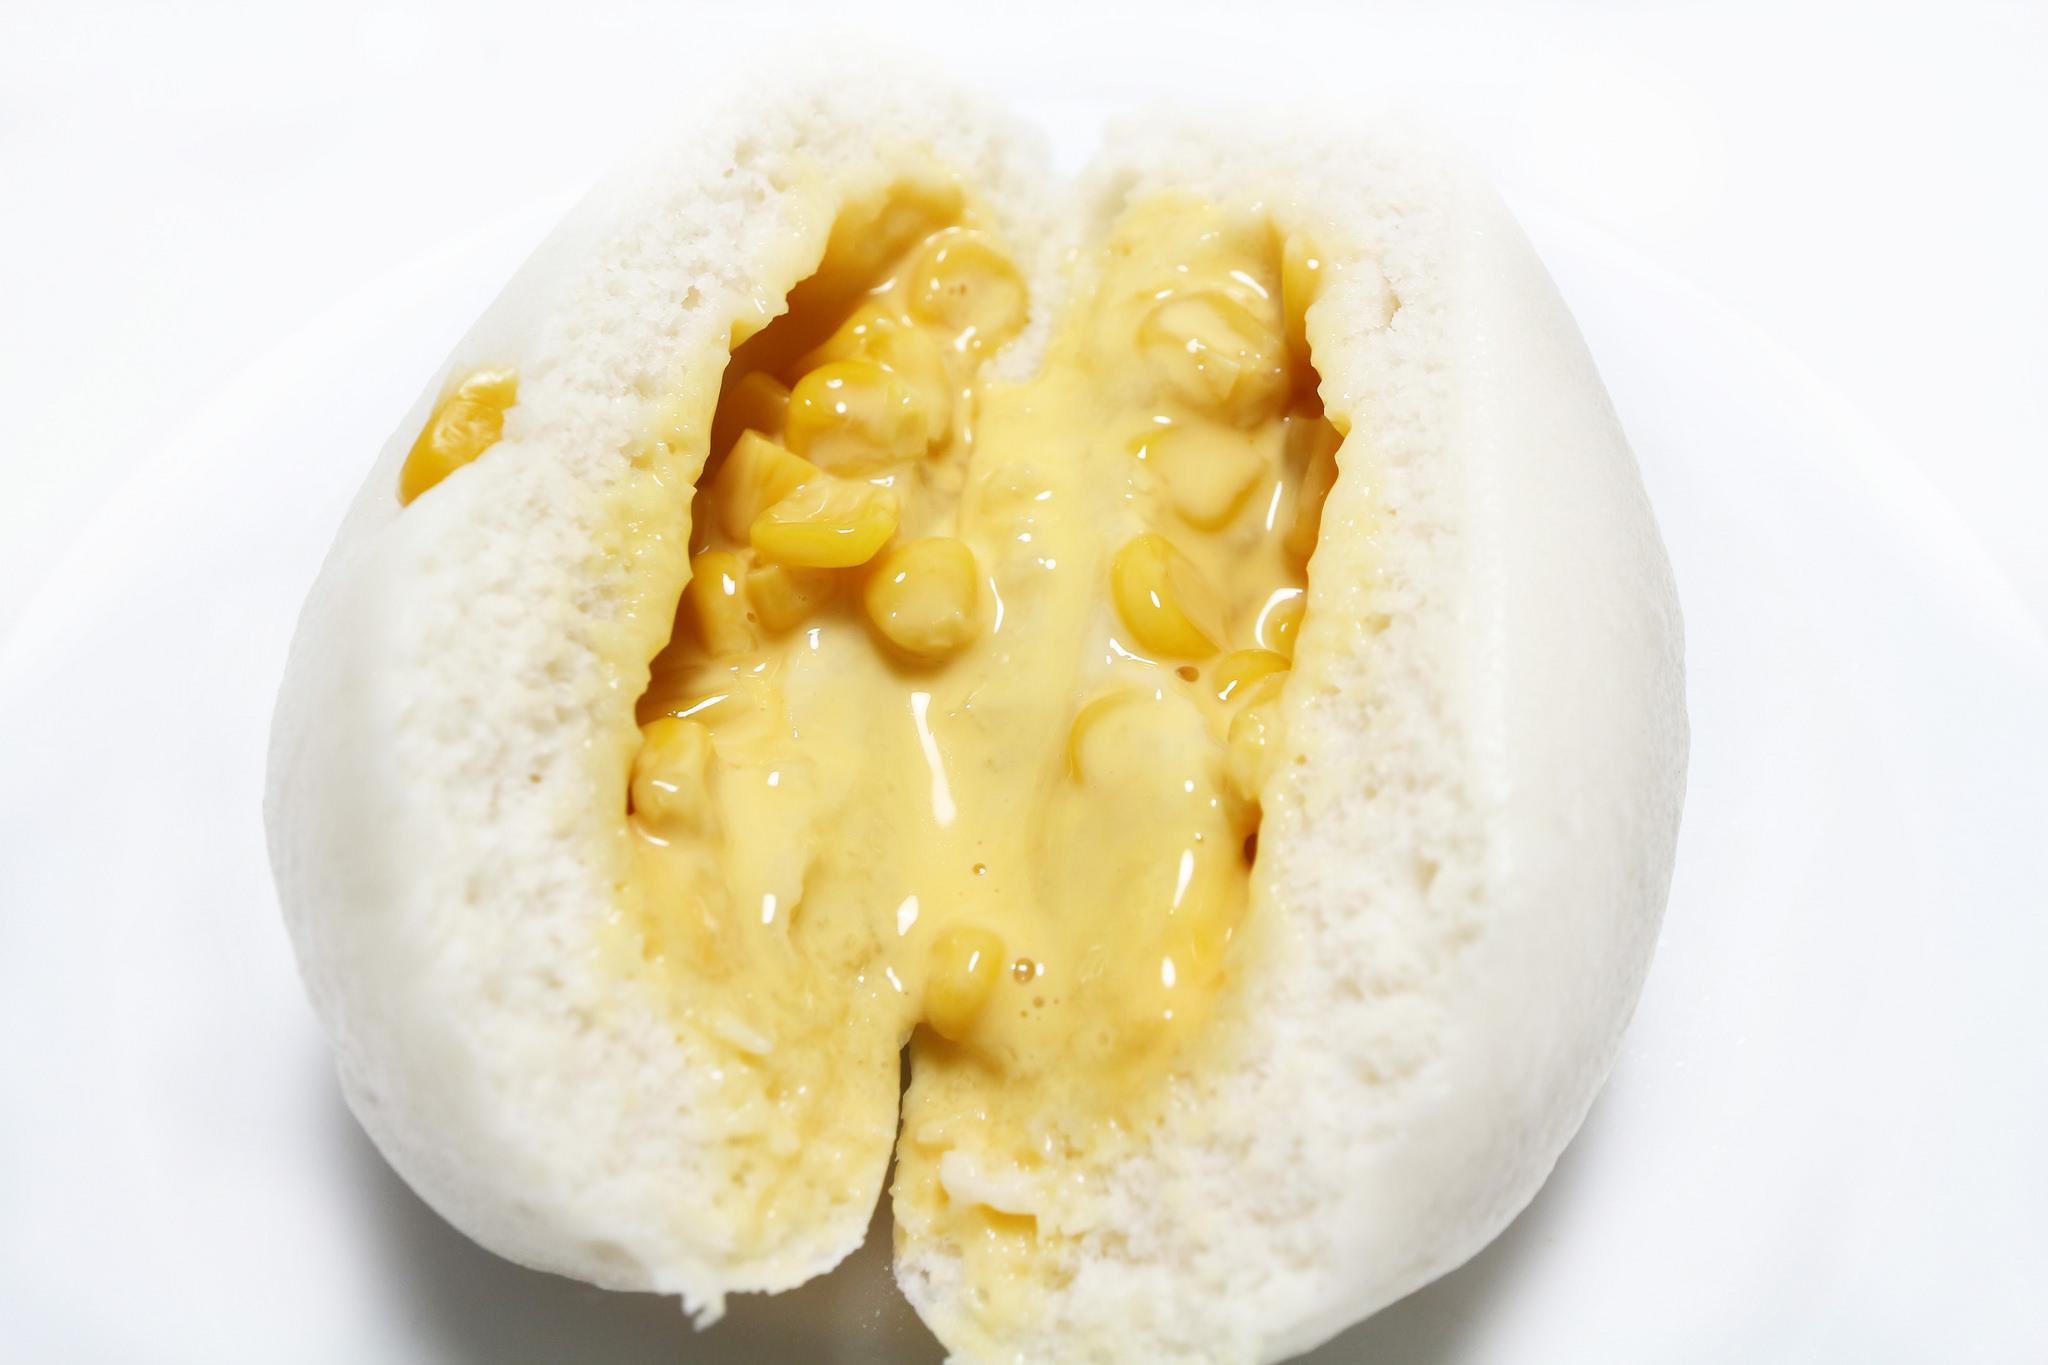 【宅配美食】原味樂廚 爆漿包子 / 新北永和 手工饅頭 【邀約】